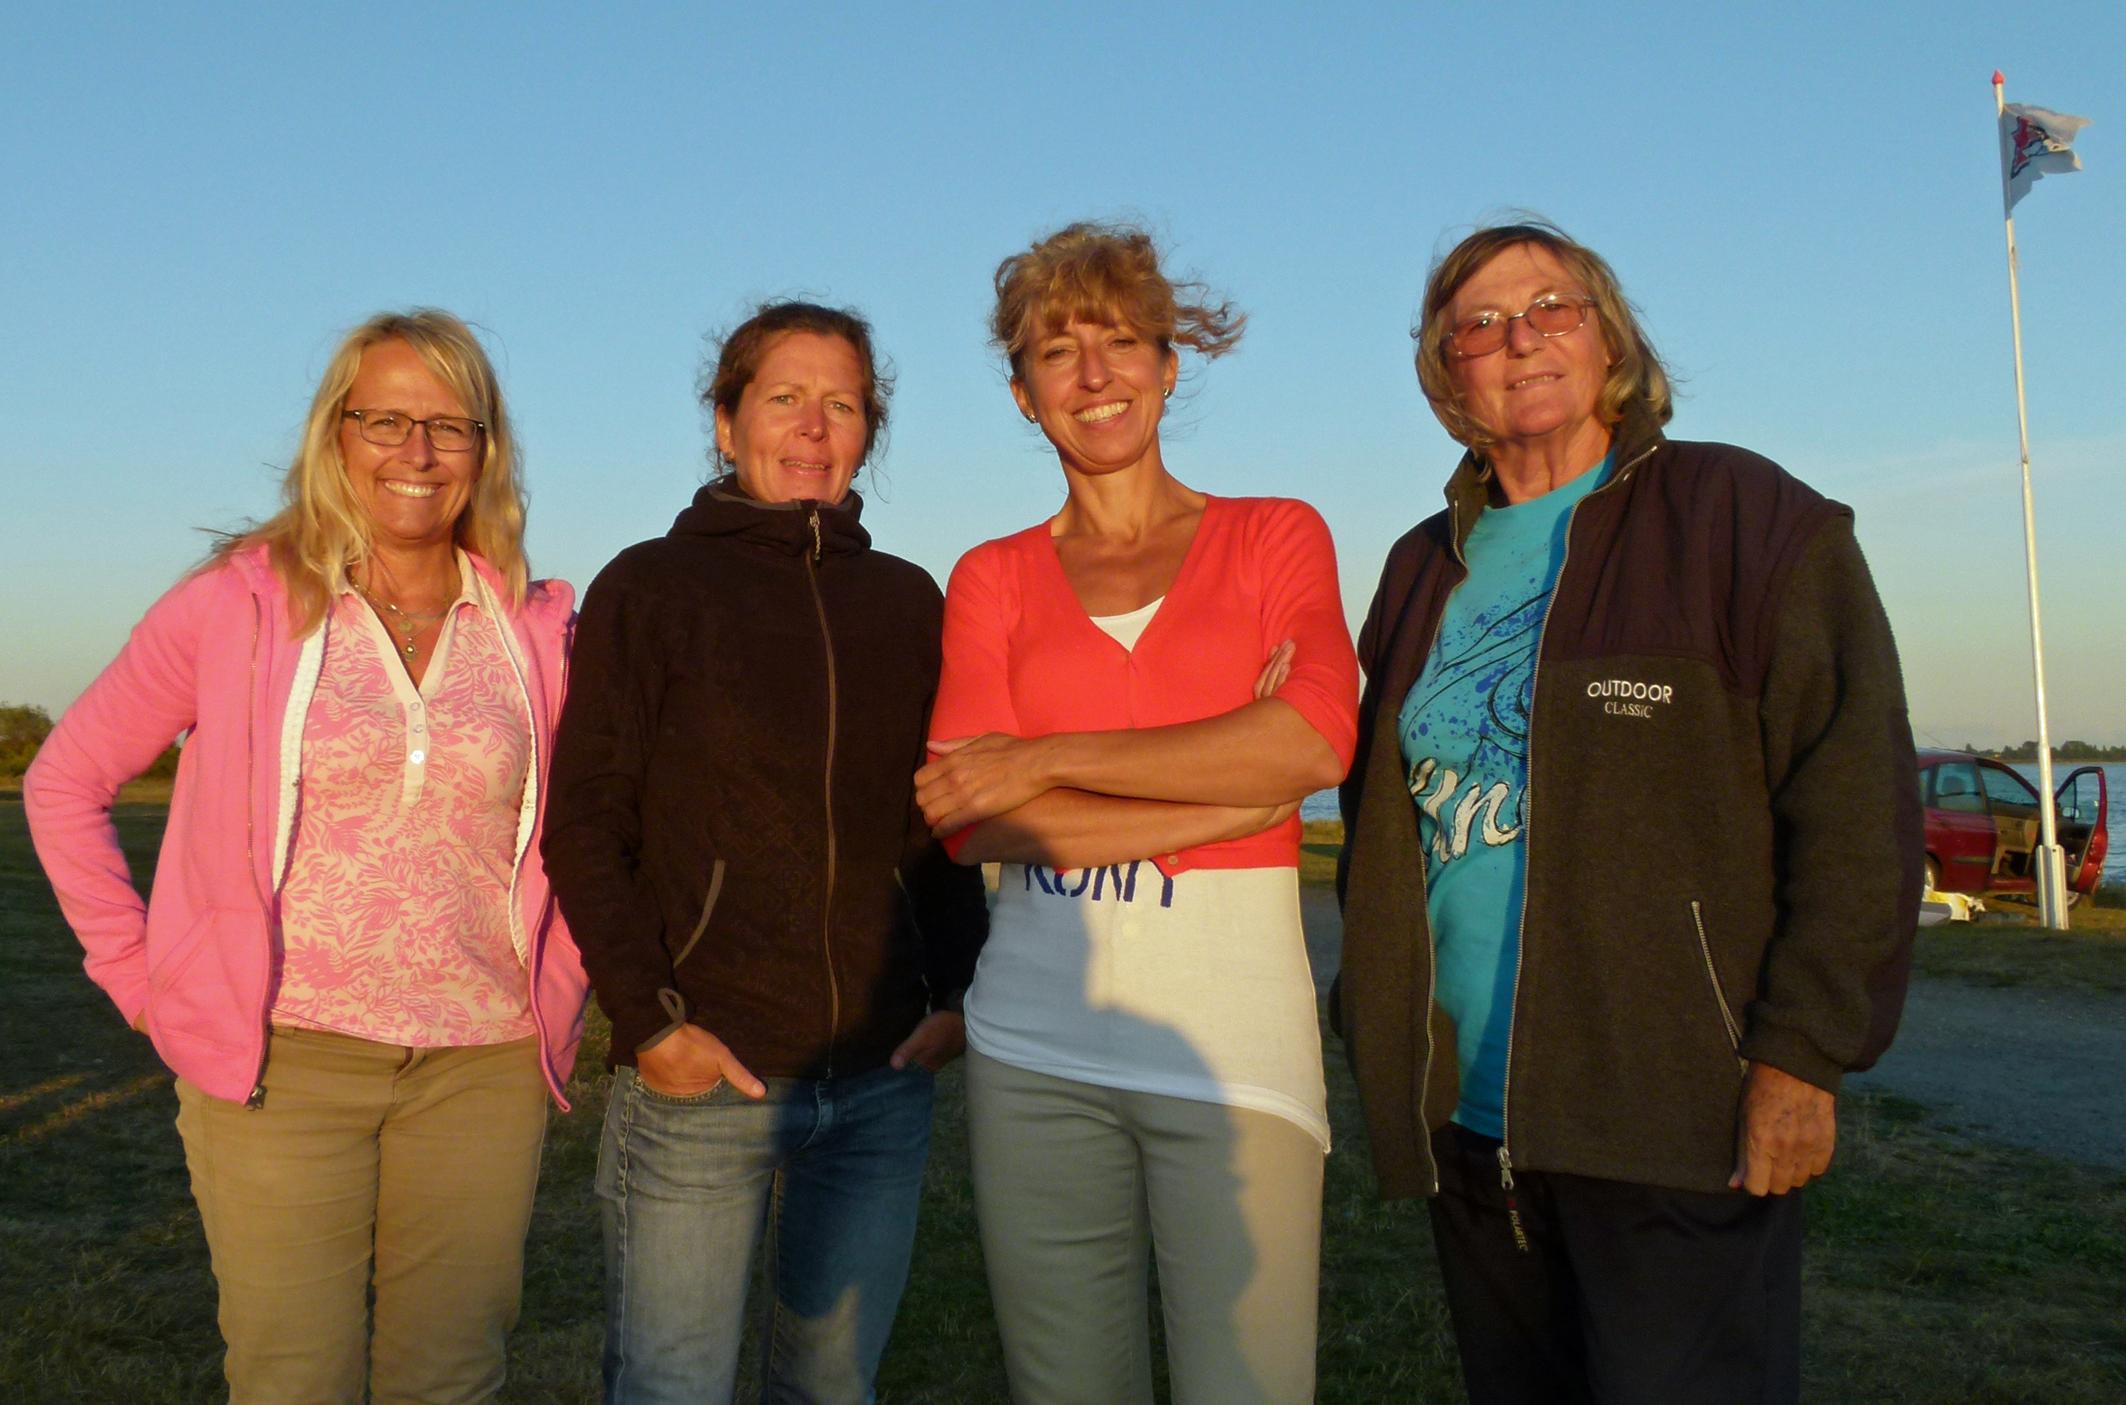 2008 Fyrklöver i damer Christina, Lisbeth, Paula och Brigitte - 2008